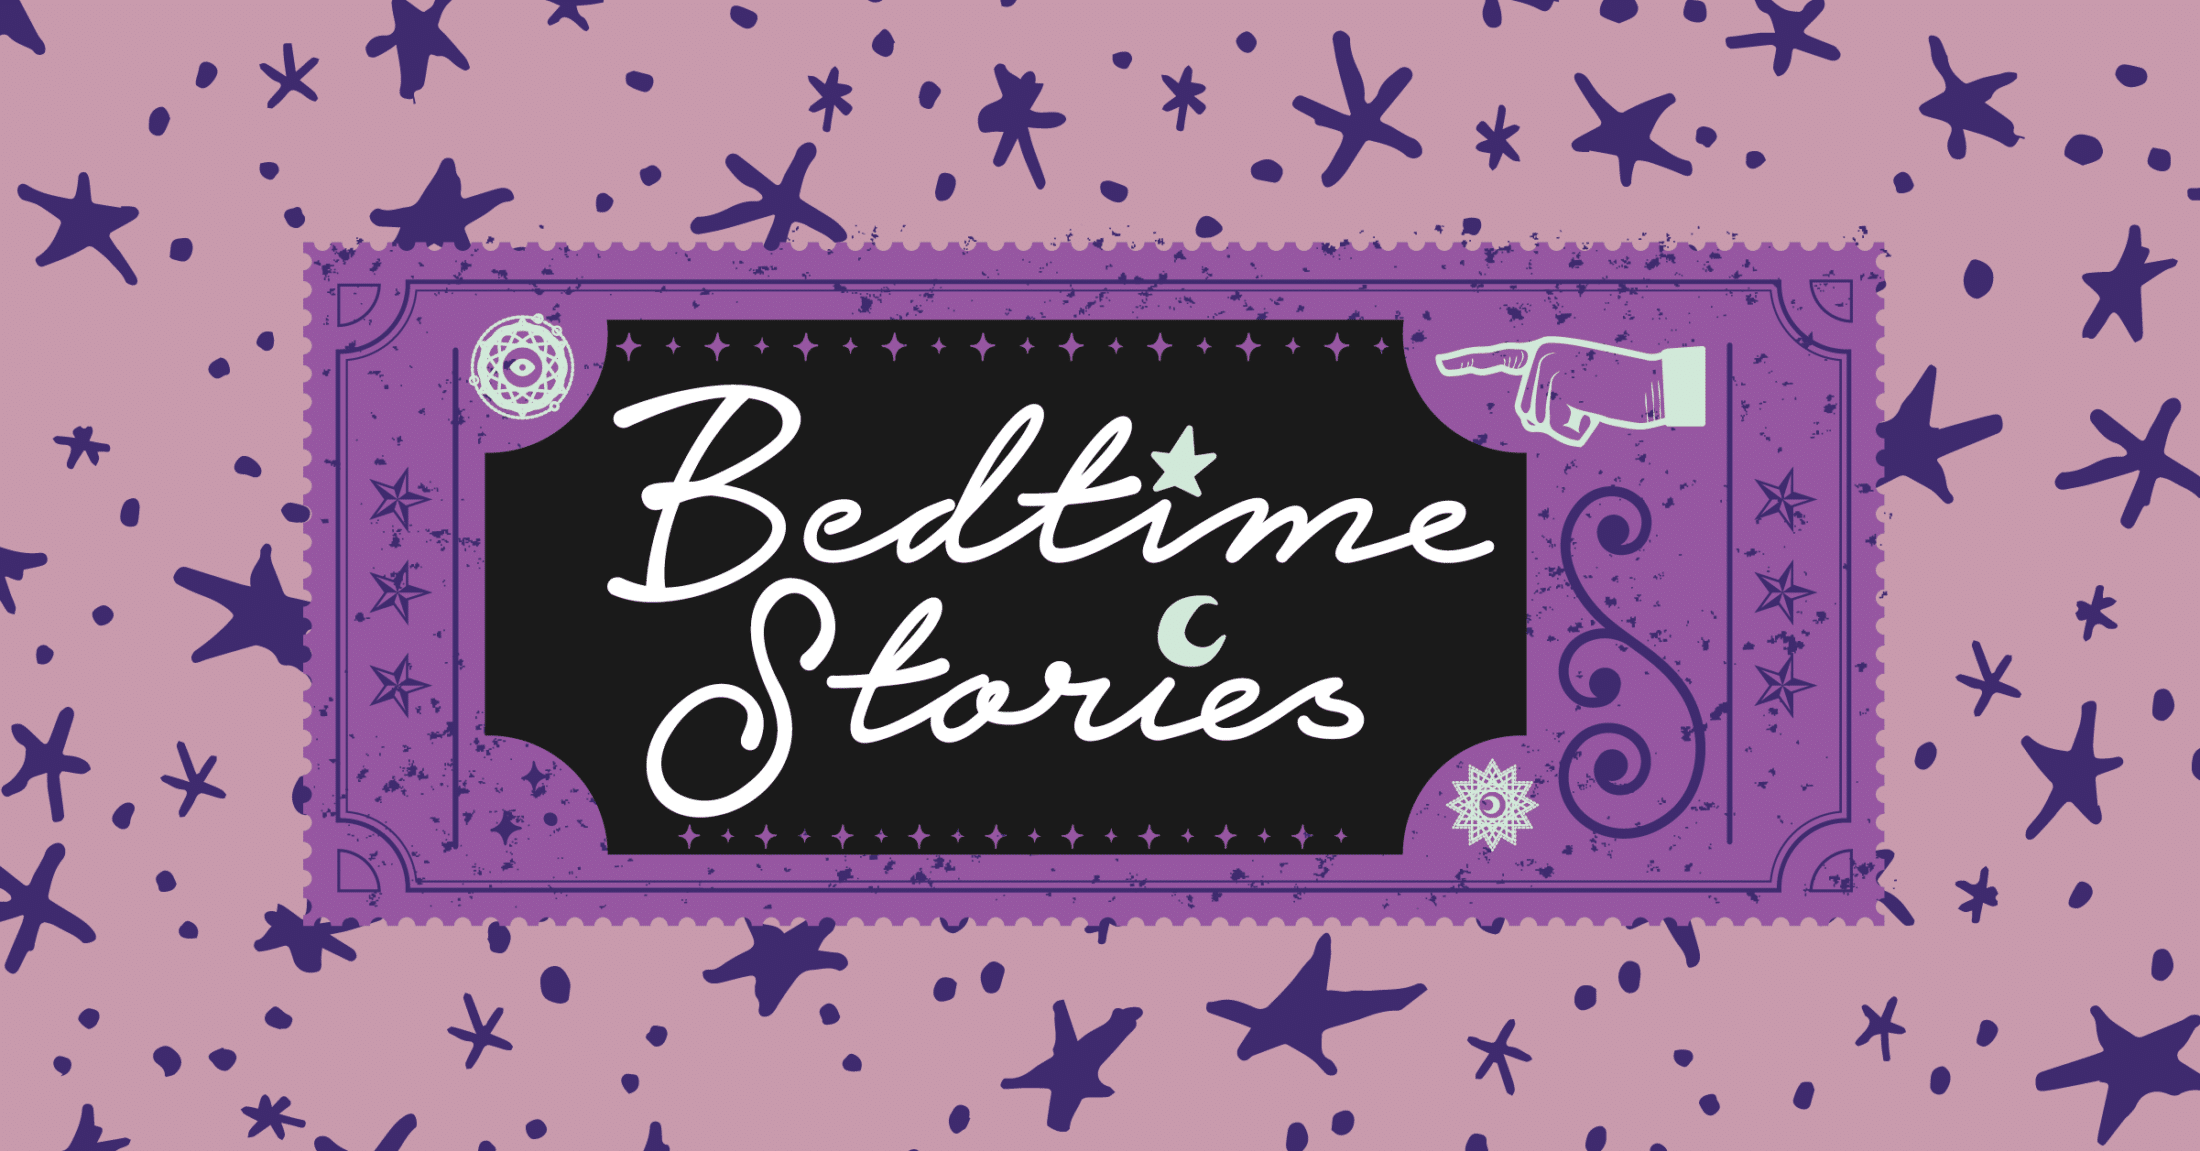 Bedtime Stories: Phantasmagoria - a Neo-Burlesque Variety Show